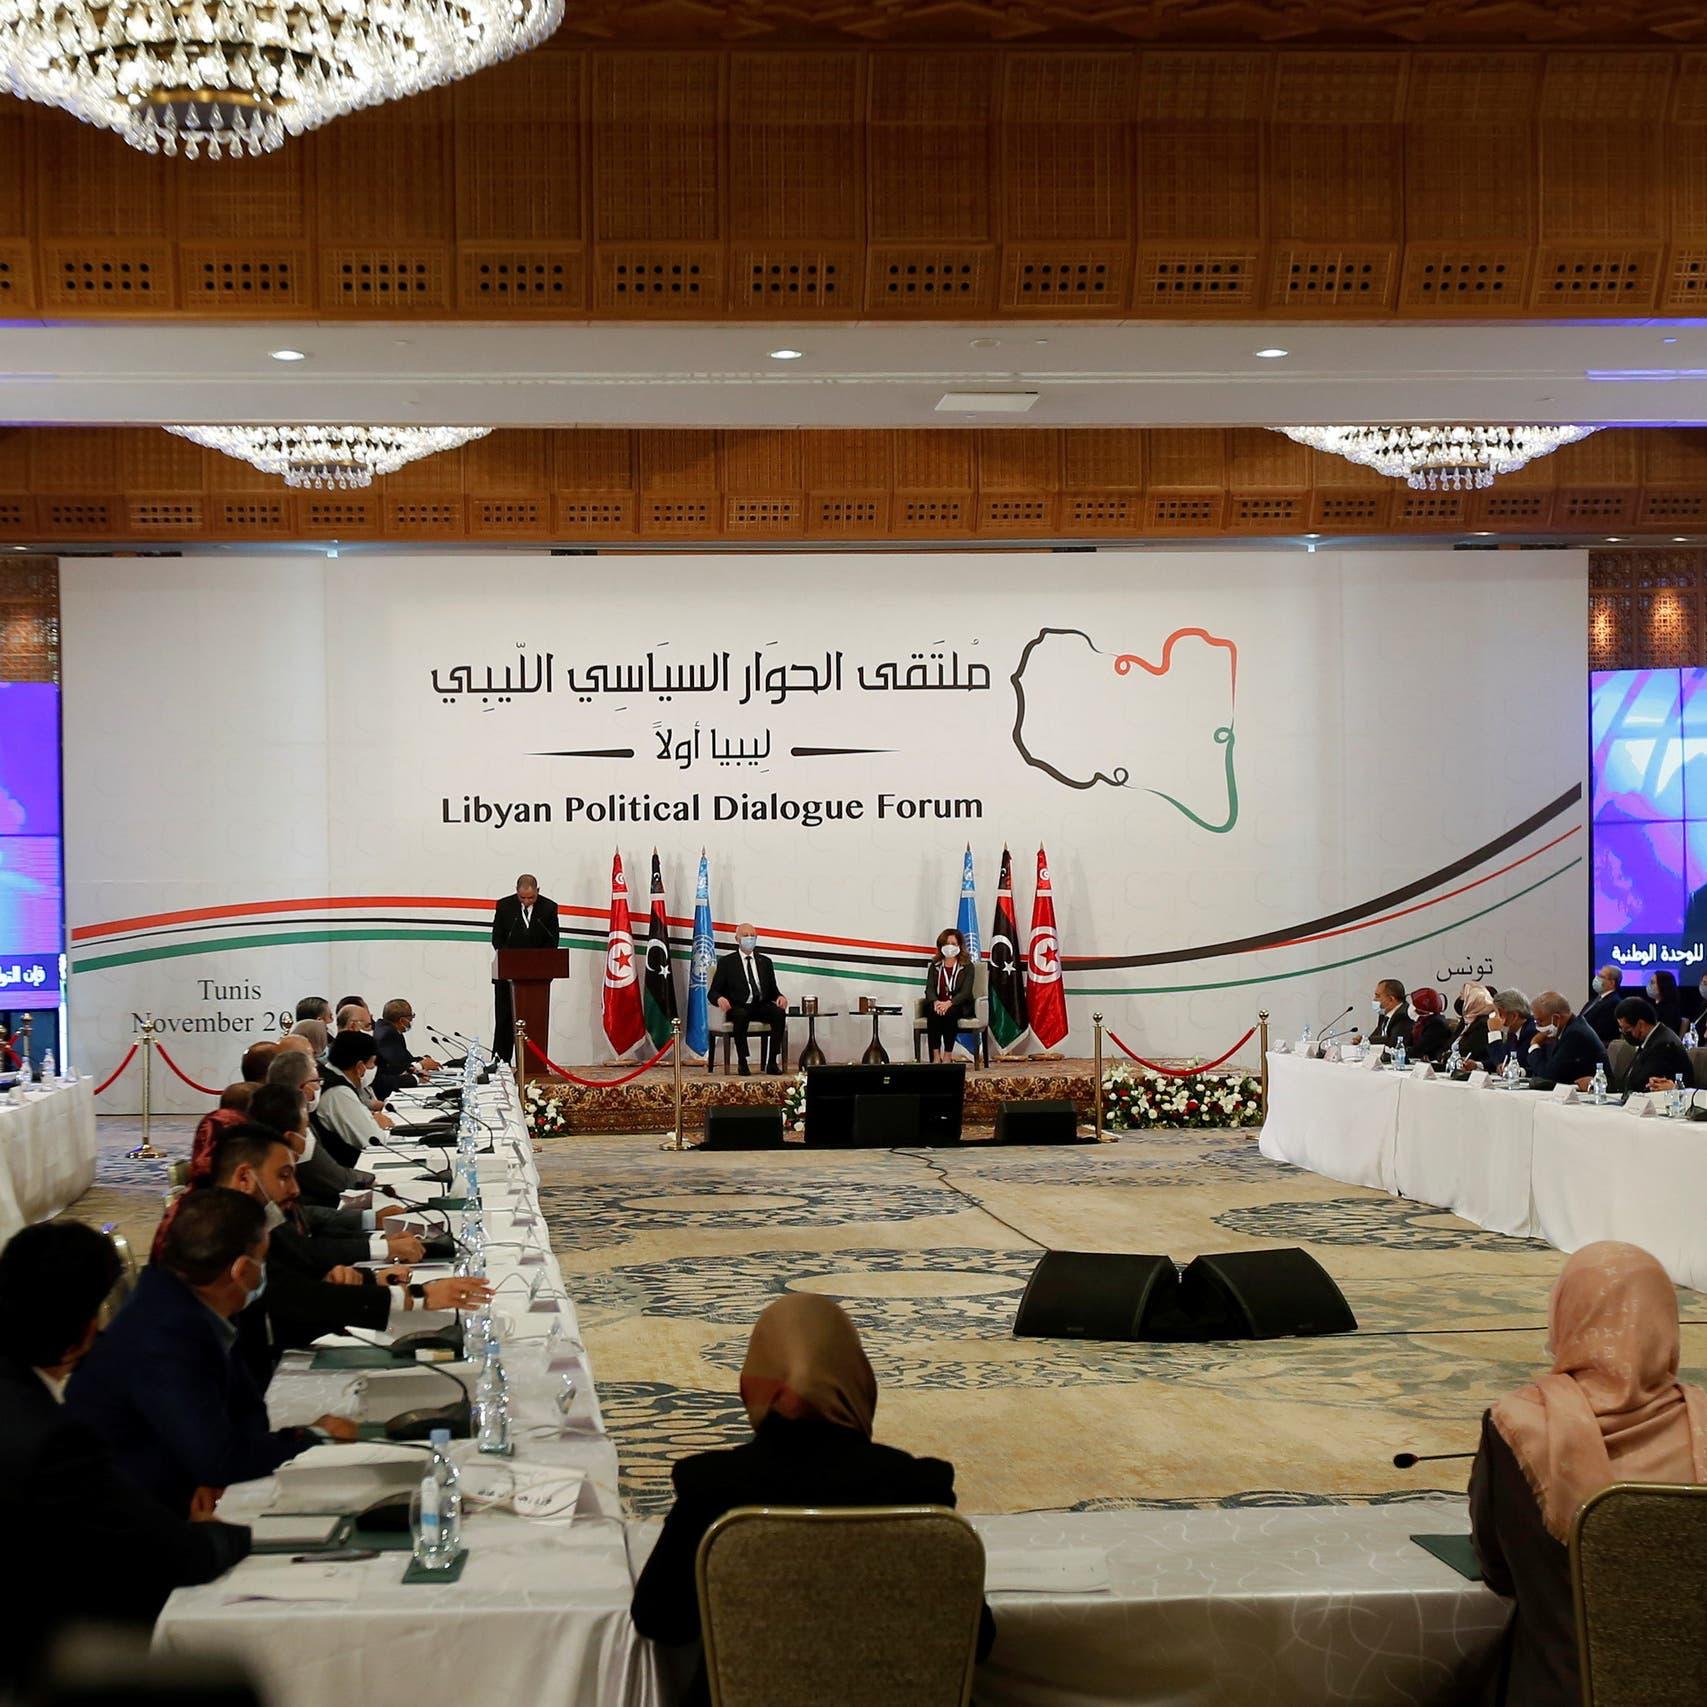 تحدٍ جديد في ليبيا.. سباق محموم حول المناصب السيادية